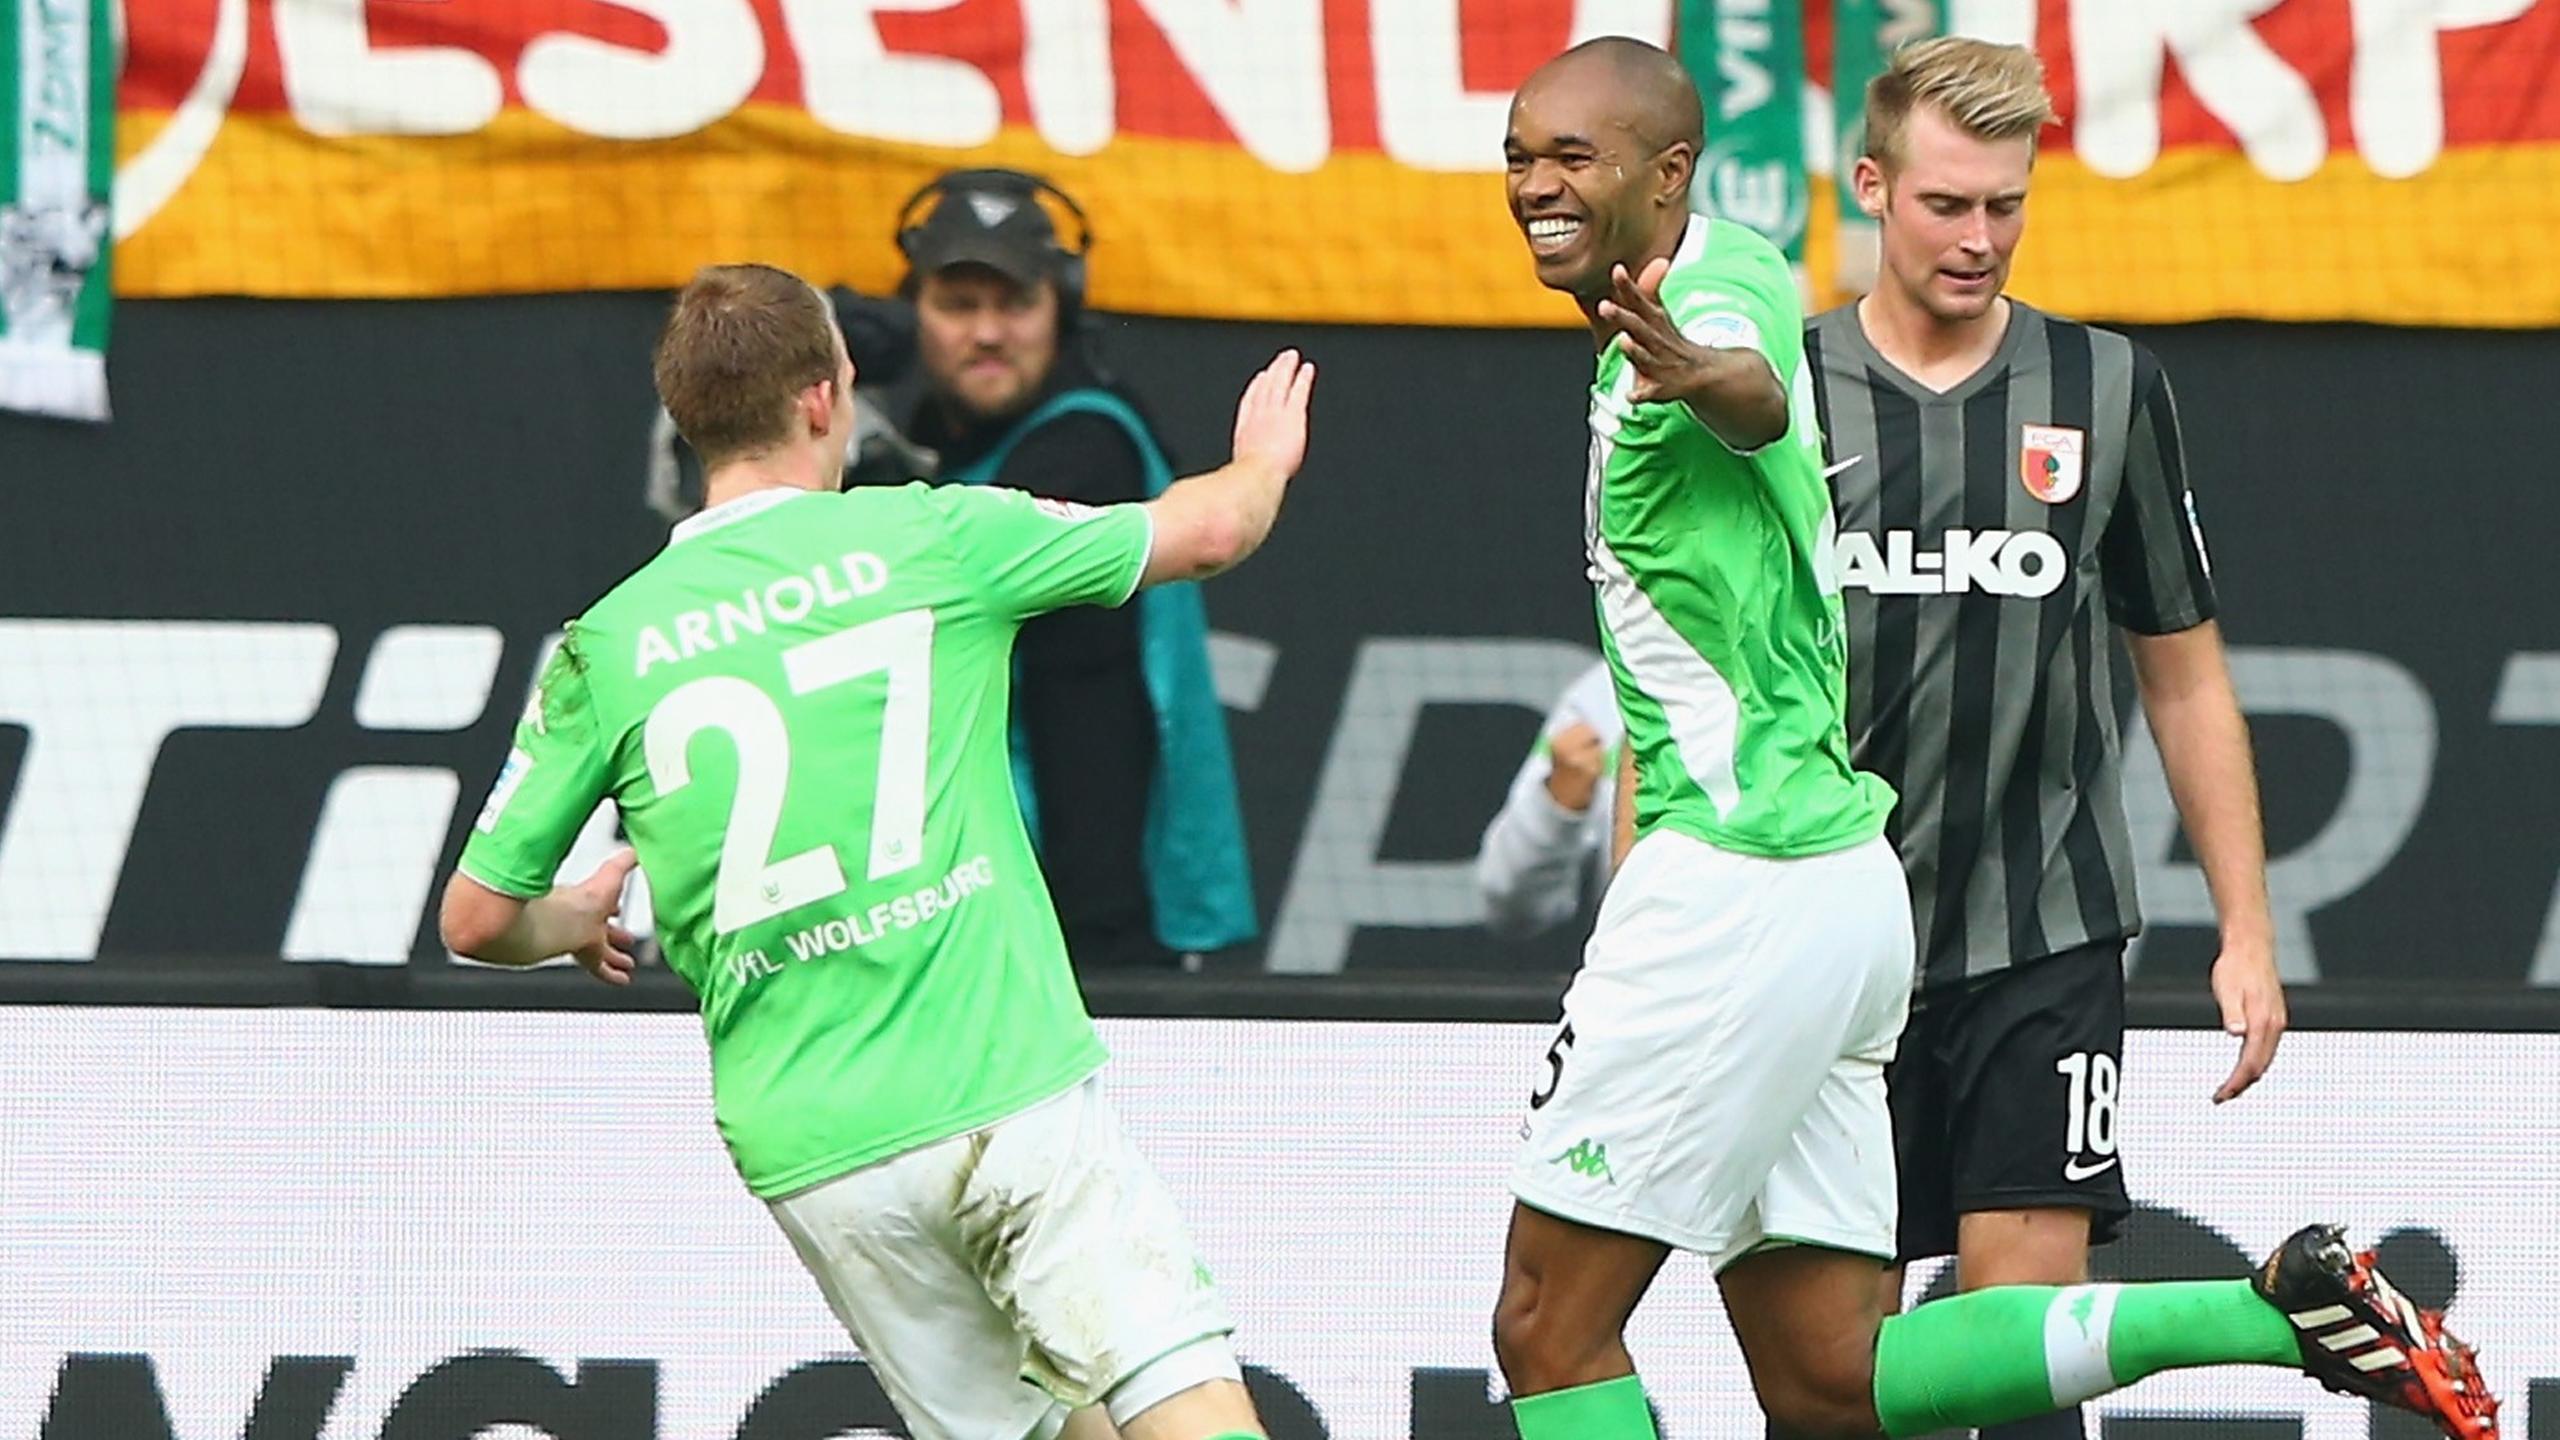 Video: Wolfsburg vs Augsburg